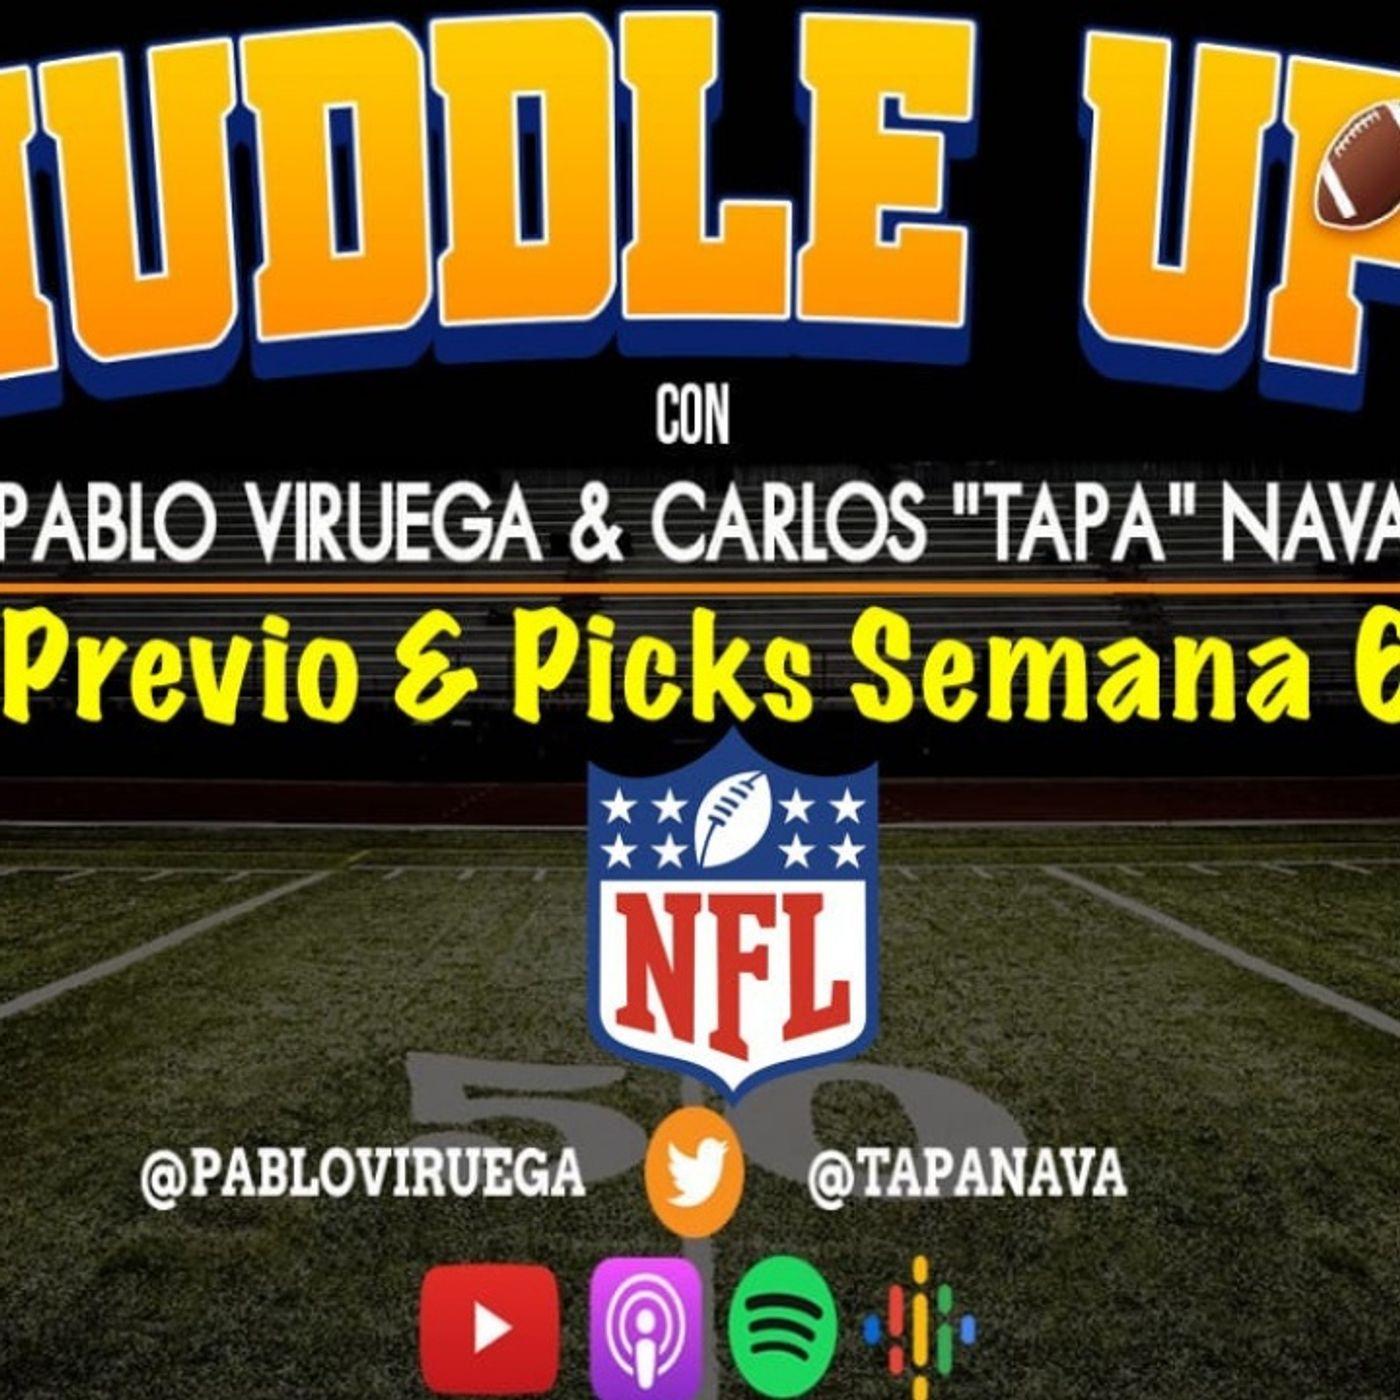 #HuddleUP Previo & #NFLPicks Semana 6 #NFL @TapaNava @PabloViruega